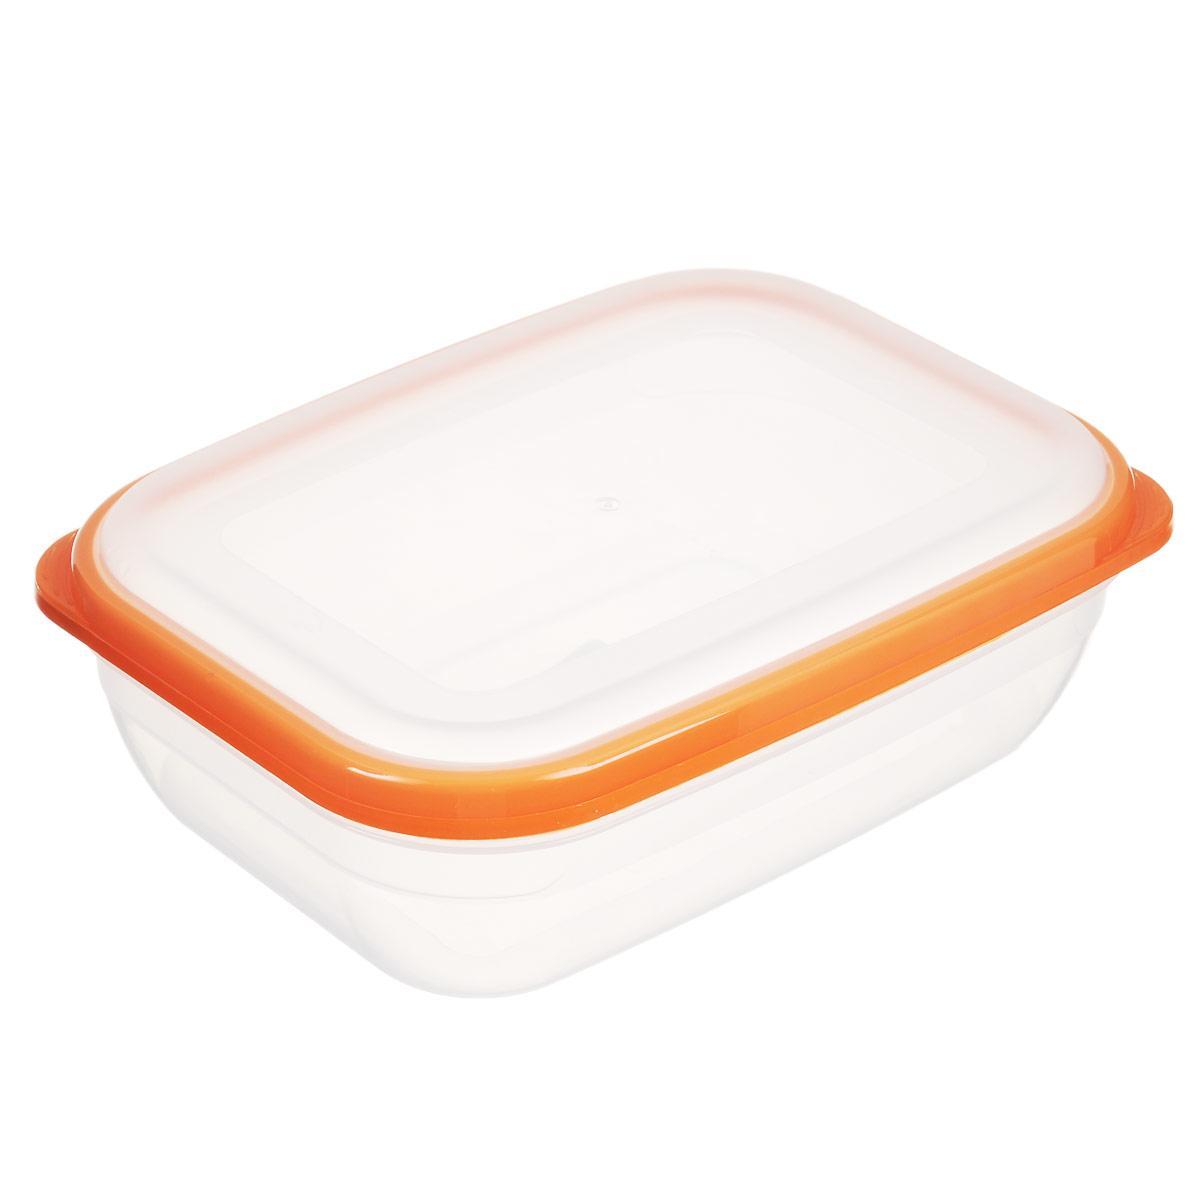 Контейнер для СВЧ Полимербыт Премиум, цвет: оранжевый, 1,2 лVT-1520(SR)Прямоугольный контейнер для СВЧ Полимербыт Премиум изготовлен из высококачественного прочного пластика, устойчивого к высоким температурам (до +110°С). Крышка плотно и герметично закрывается, дольше сохраняя продукты свежими и вкусными. Контейнер идеально подходит для хранения пищи, его удобно брать с собой на работу, учебу, пикник или просто использовать для хранения пищи в холодильнике.Подходит для разогрева пищи в микроволновой печи и для заморозки в морозильной камере (при минимальной температуре -40°С). Можно мыть в посудомоечной машине.